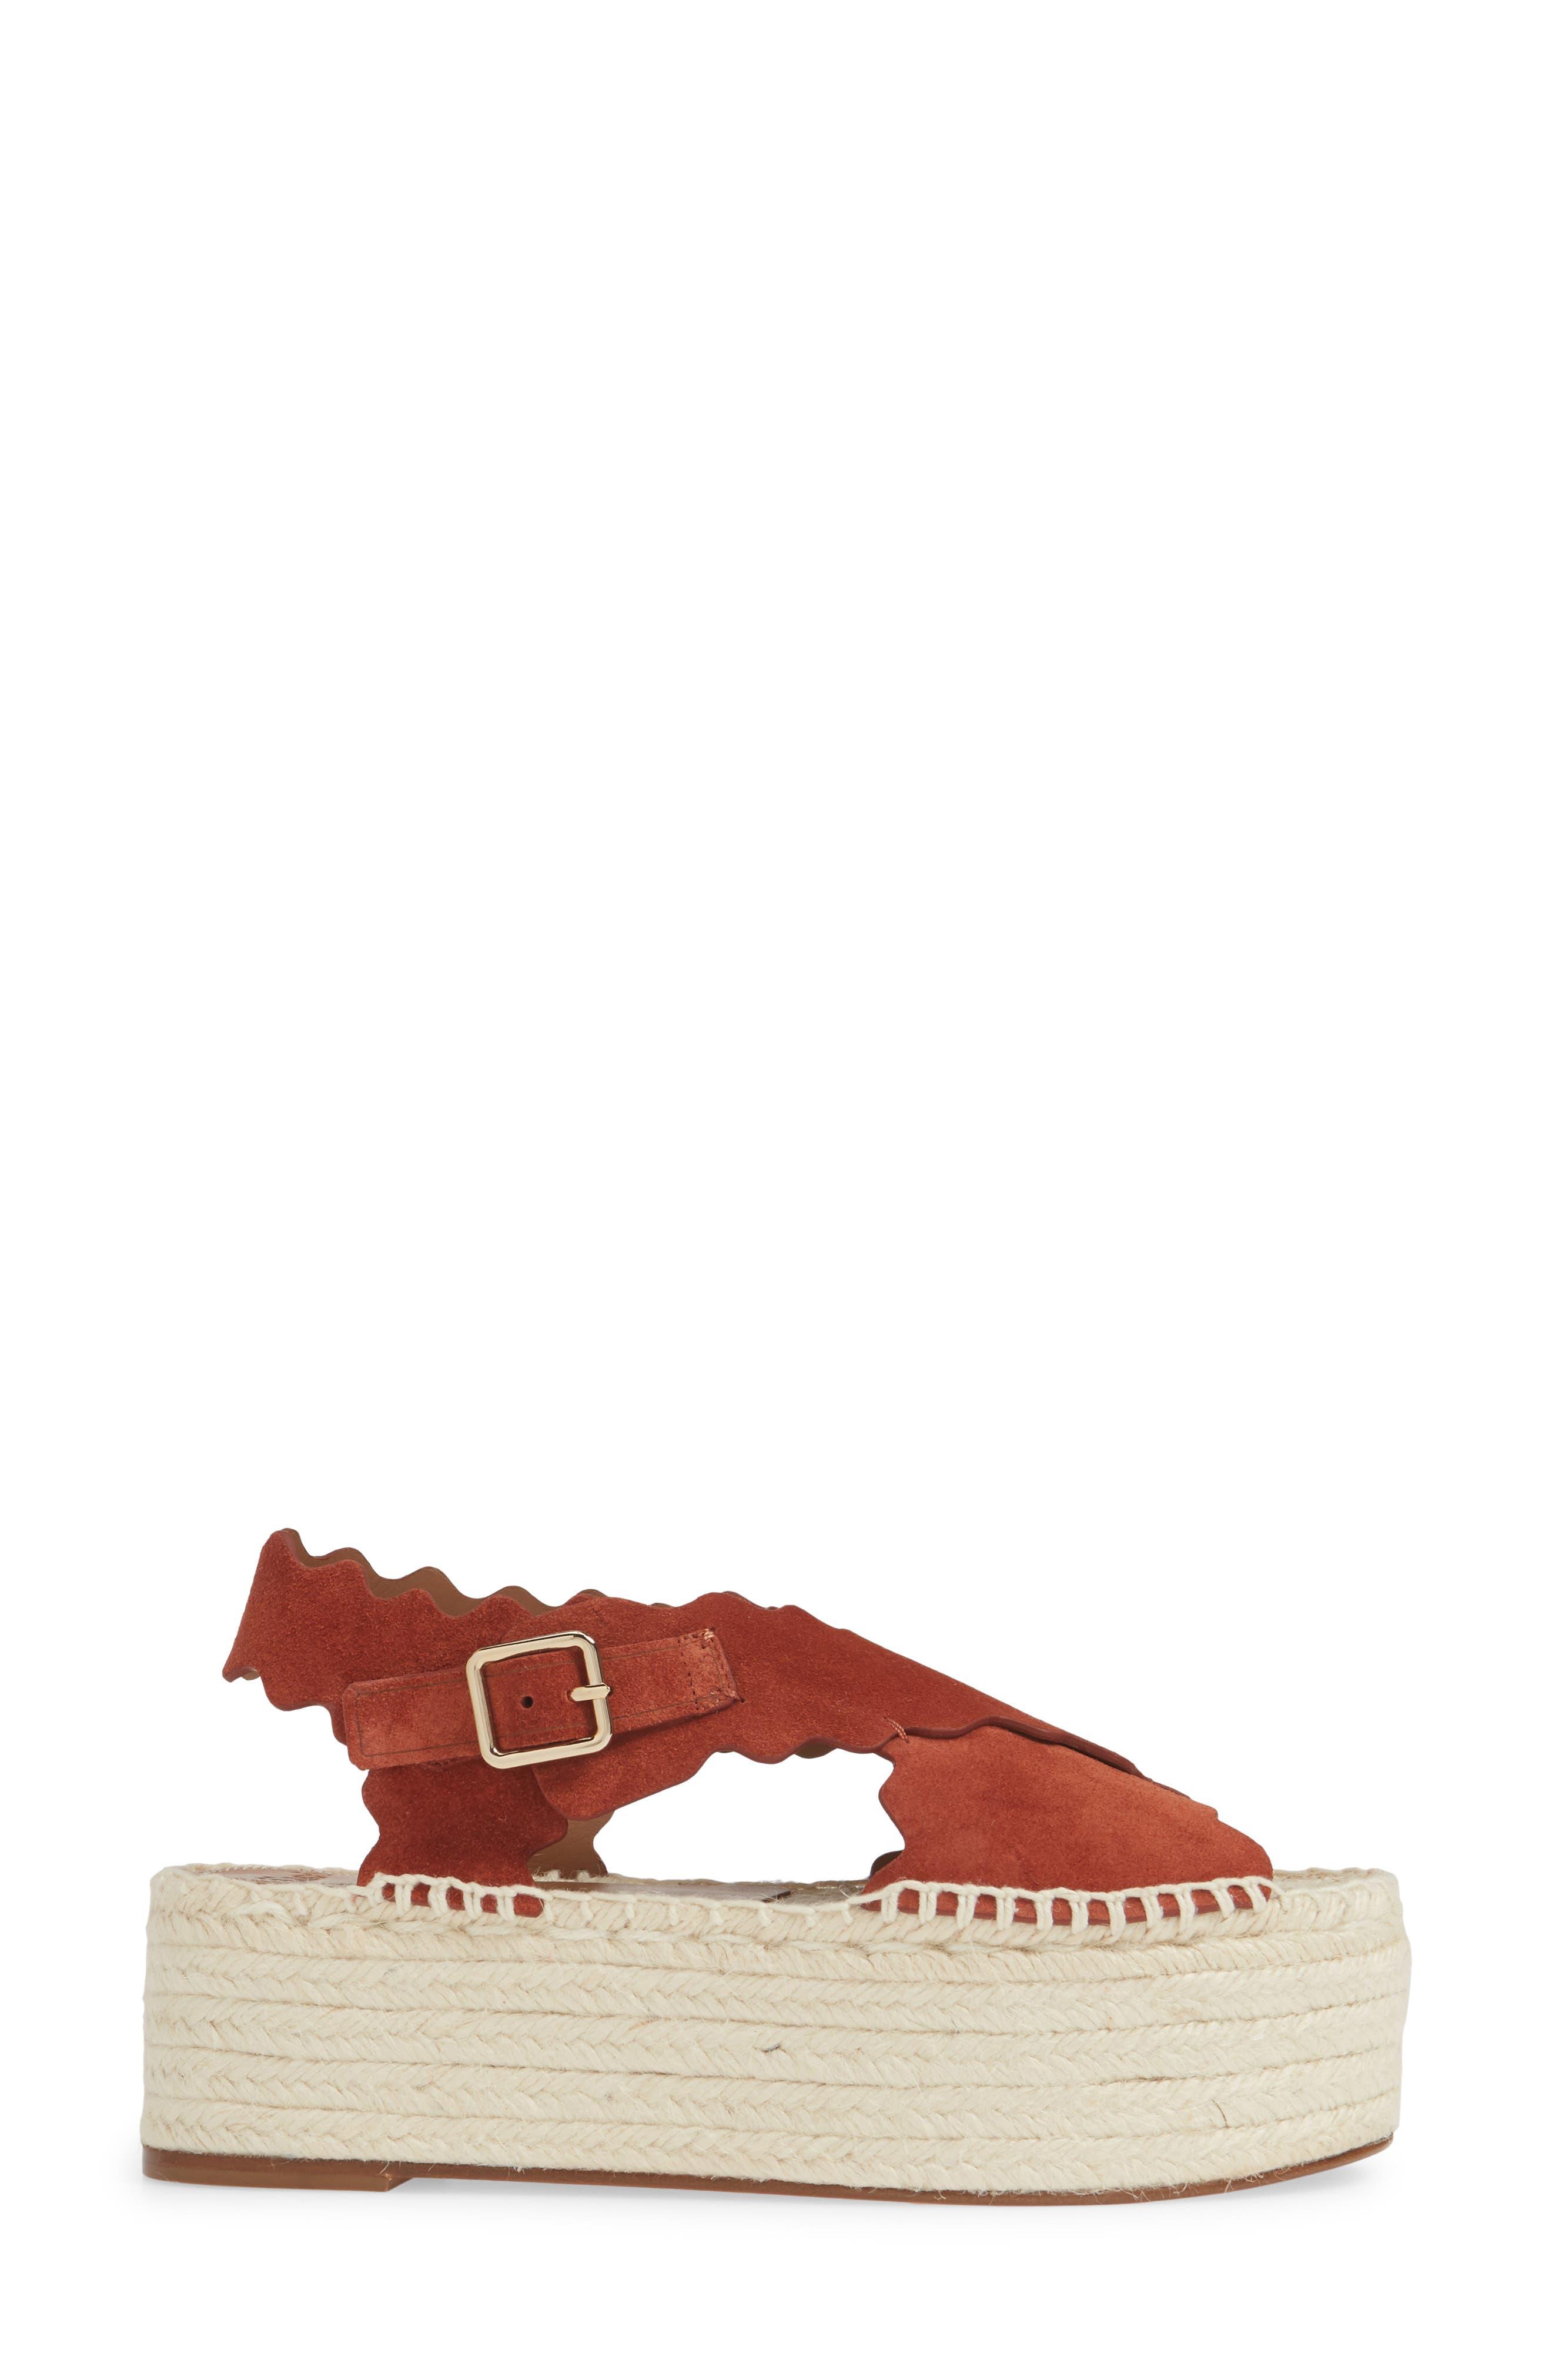 CHLOÉ, Lauren Scalloped Flatform Sandal, Alternate thumbnail 3, color, EARTHY RED